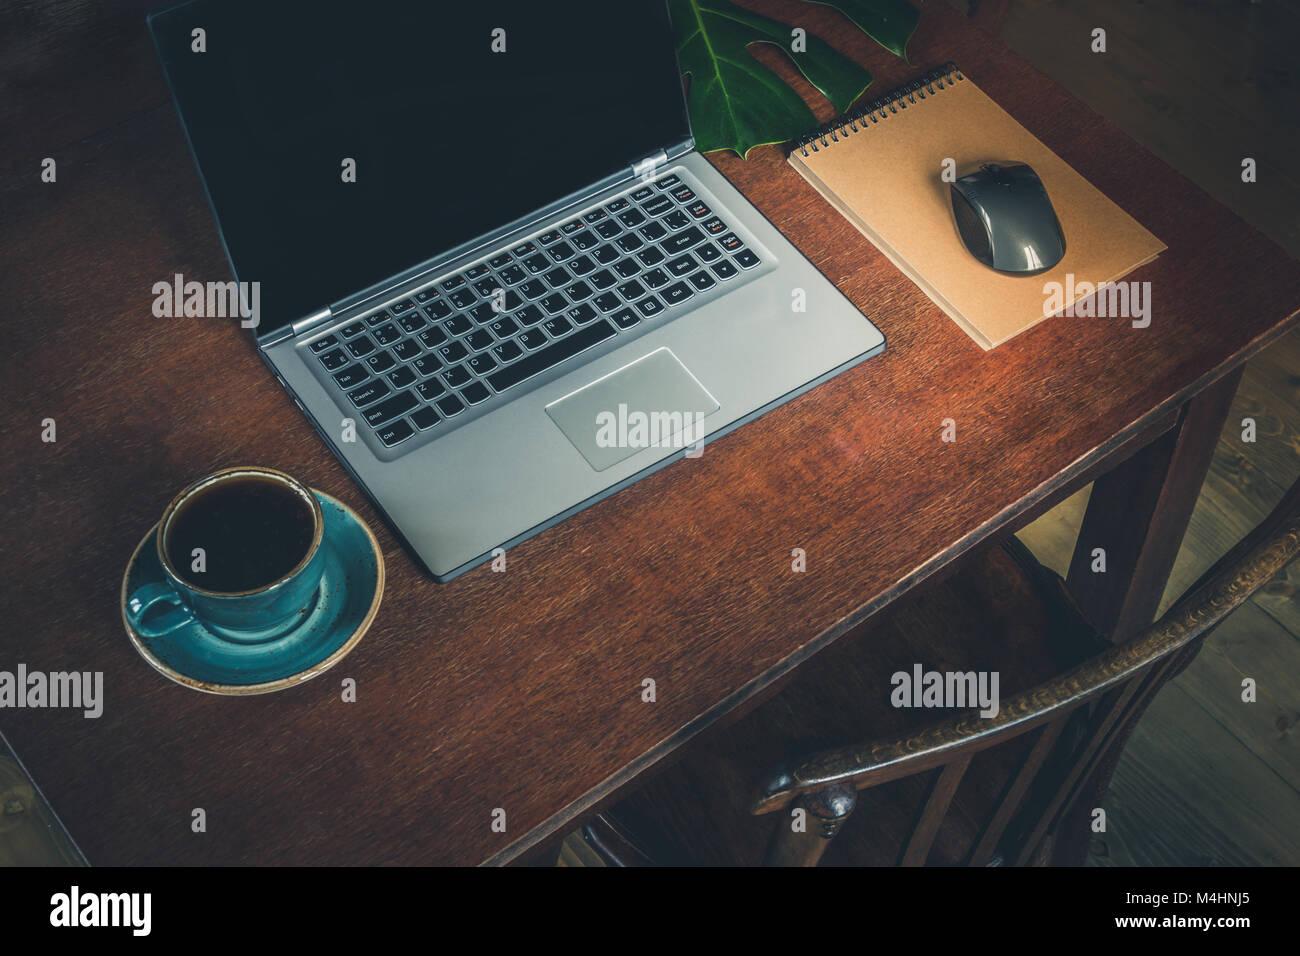 Postazione di lavoro Tavolo studio computer portatile scrivania in legno,Black